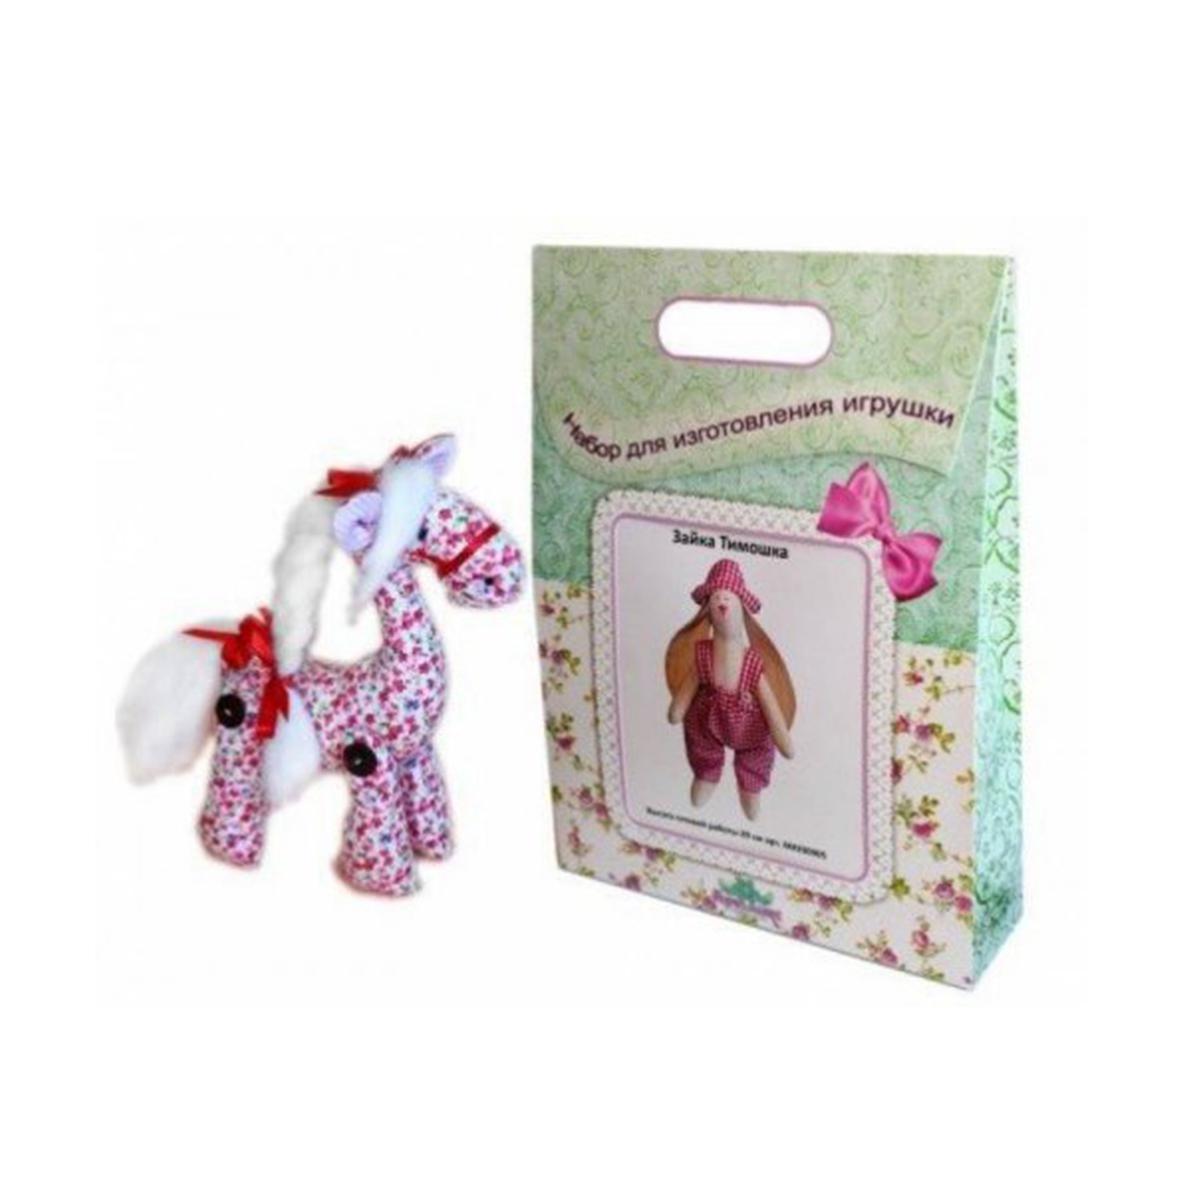 Набор для изготовления игрушки лошадка Артмикс Красотка, высота 20 см. AM100023 набор для изготовления текстильной игрушки артмикс мишка папа высота 25 см